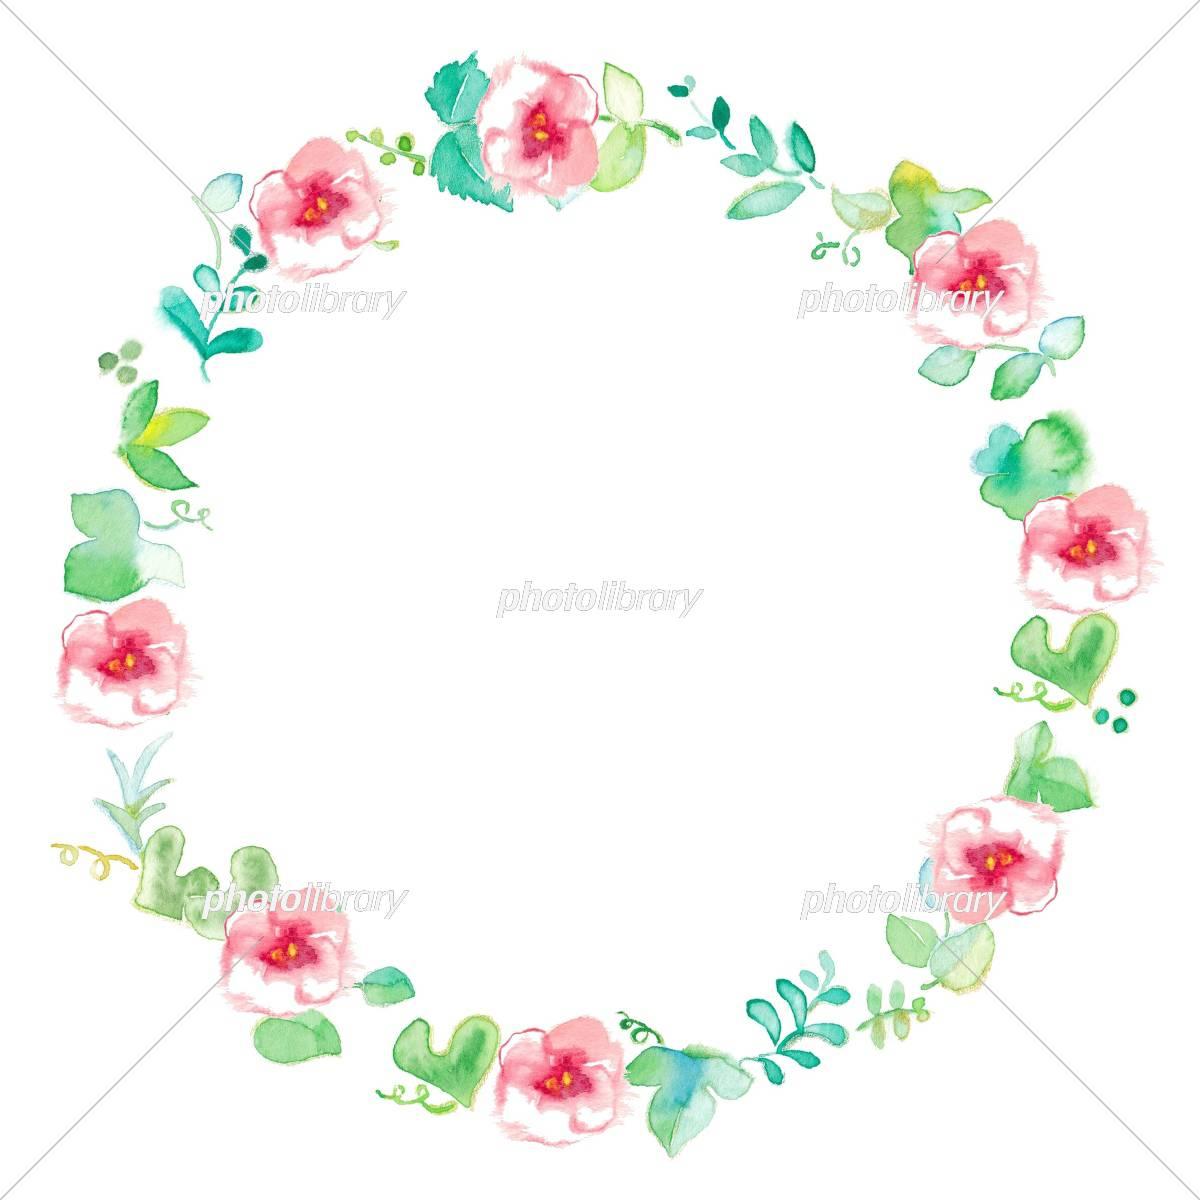 花のフレーム グリーン サークル イラスト素材 [ 5310212 ] - フォト